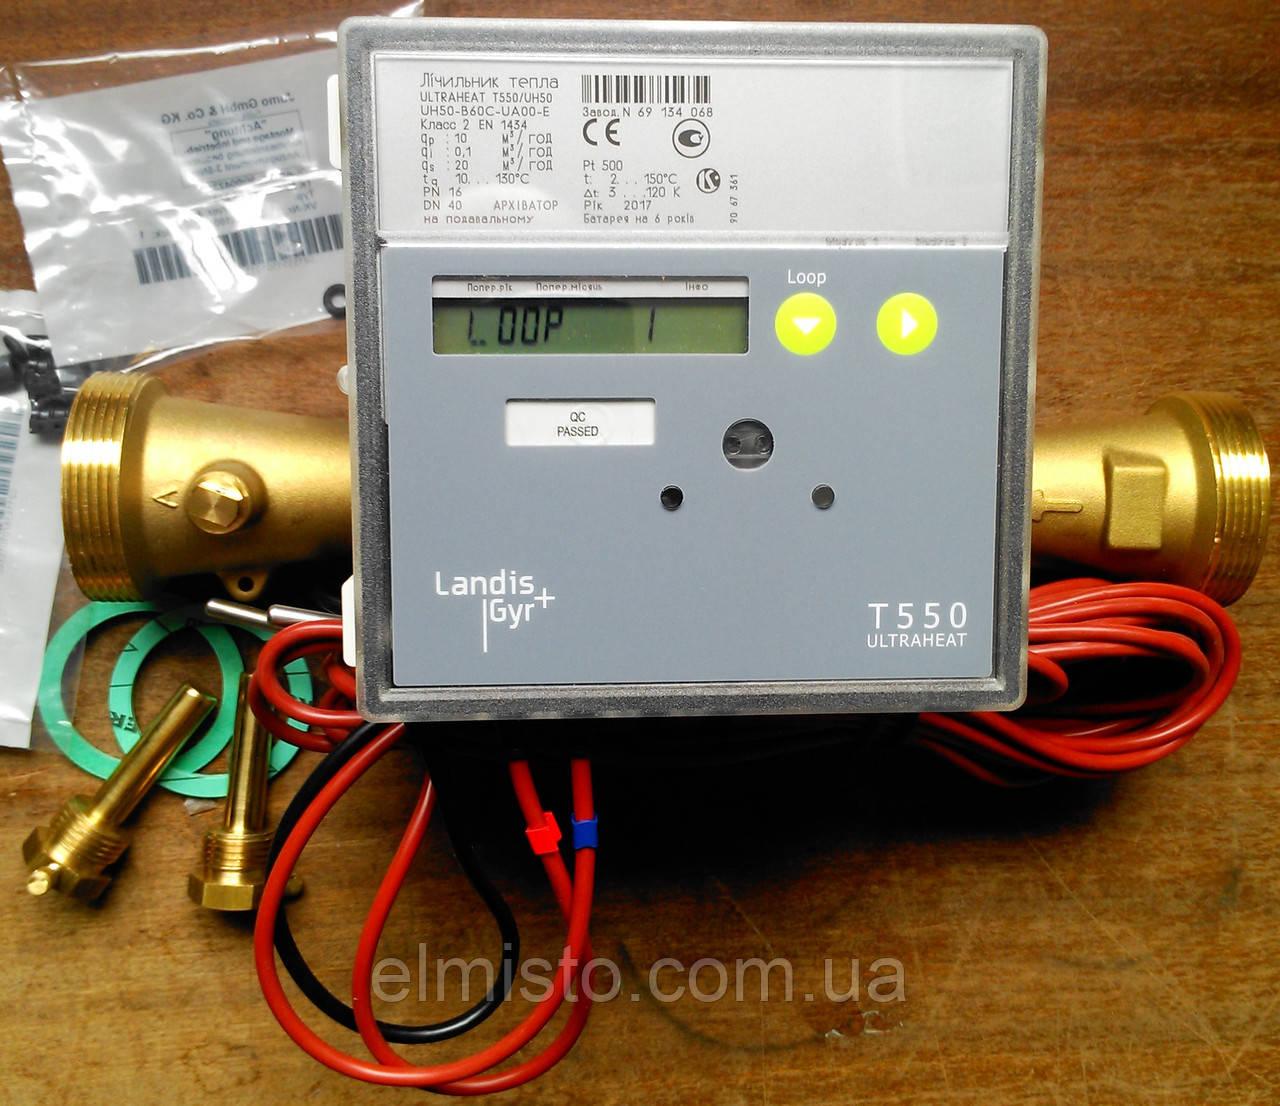 Счетчик тепла Landis+Gyr ULTRAHEAT T550/UH50-B60C-UA00-Е0J-A008-C Ду40 Qn 10,0 муфта одноканальный ультразвук. - ЭлМисто, предприятие в Харькове